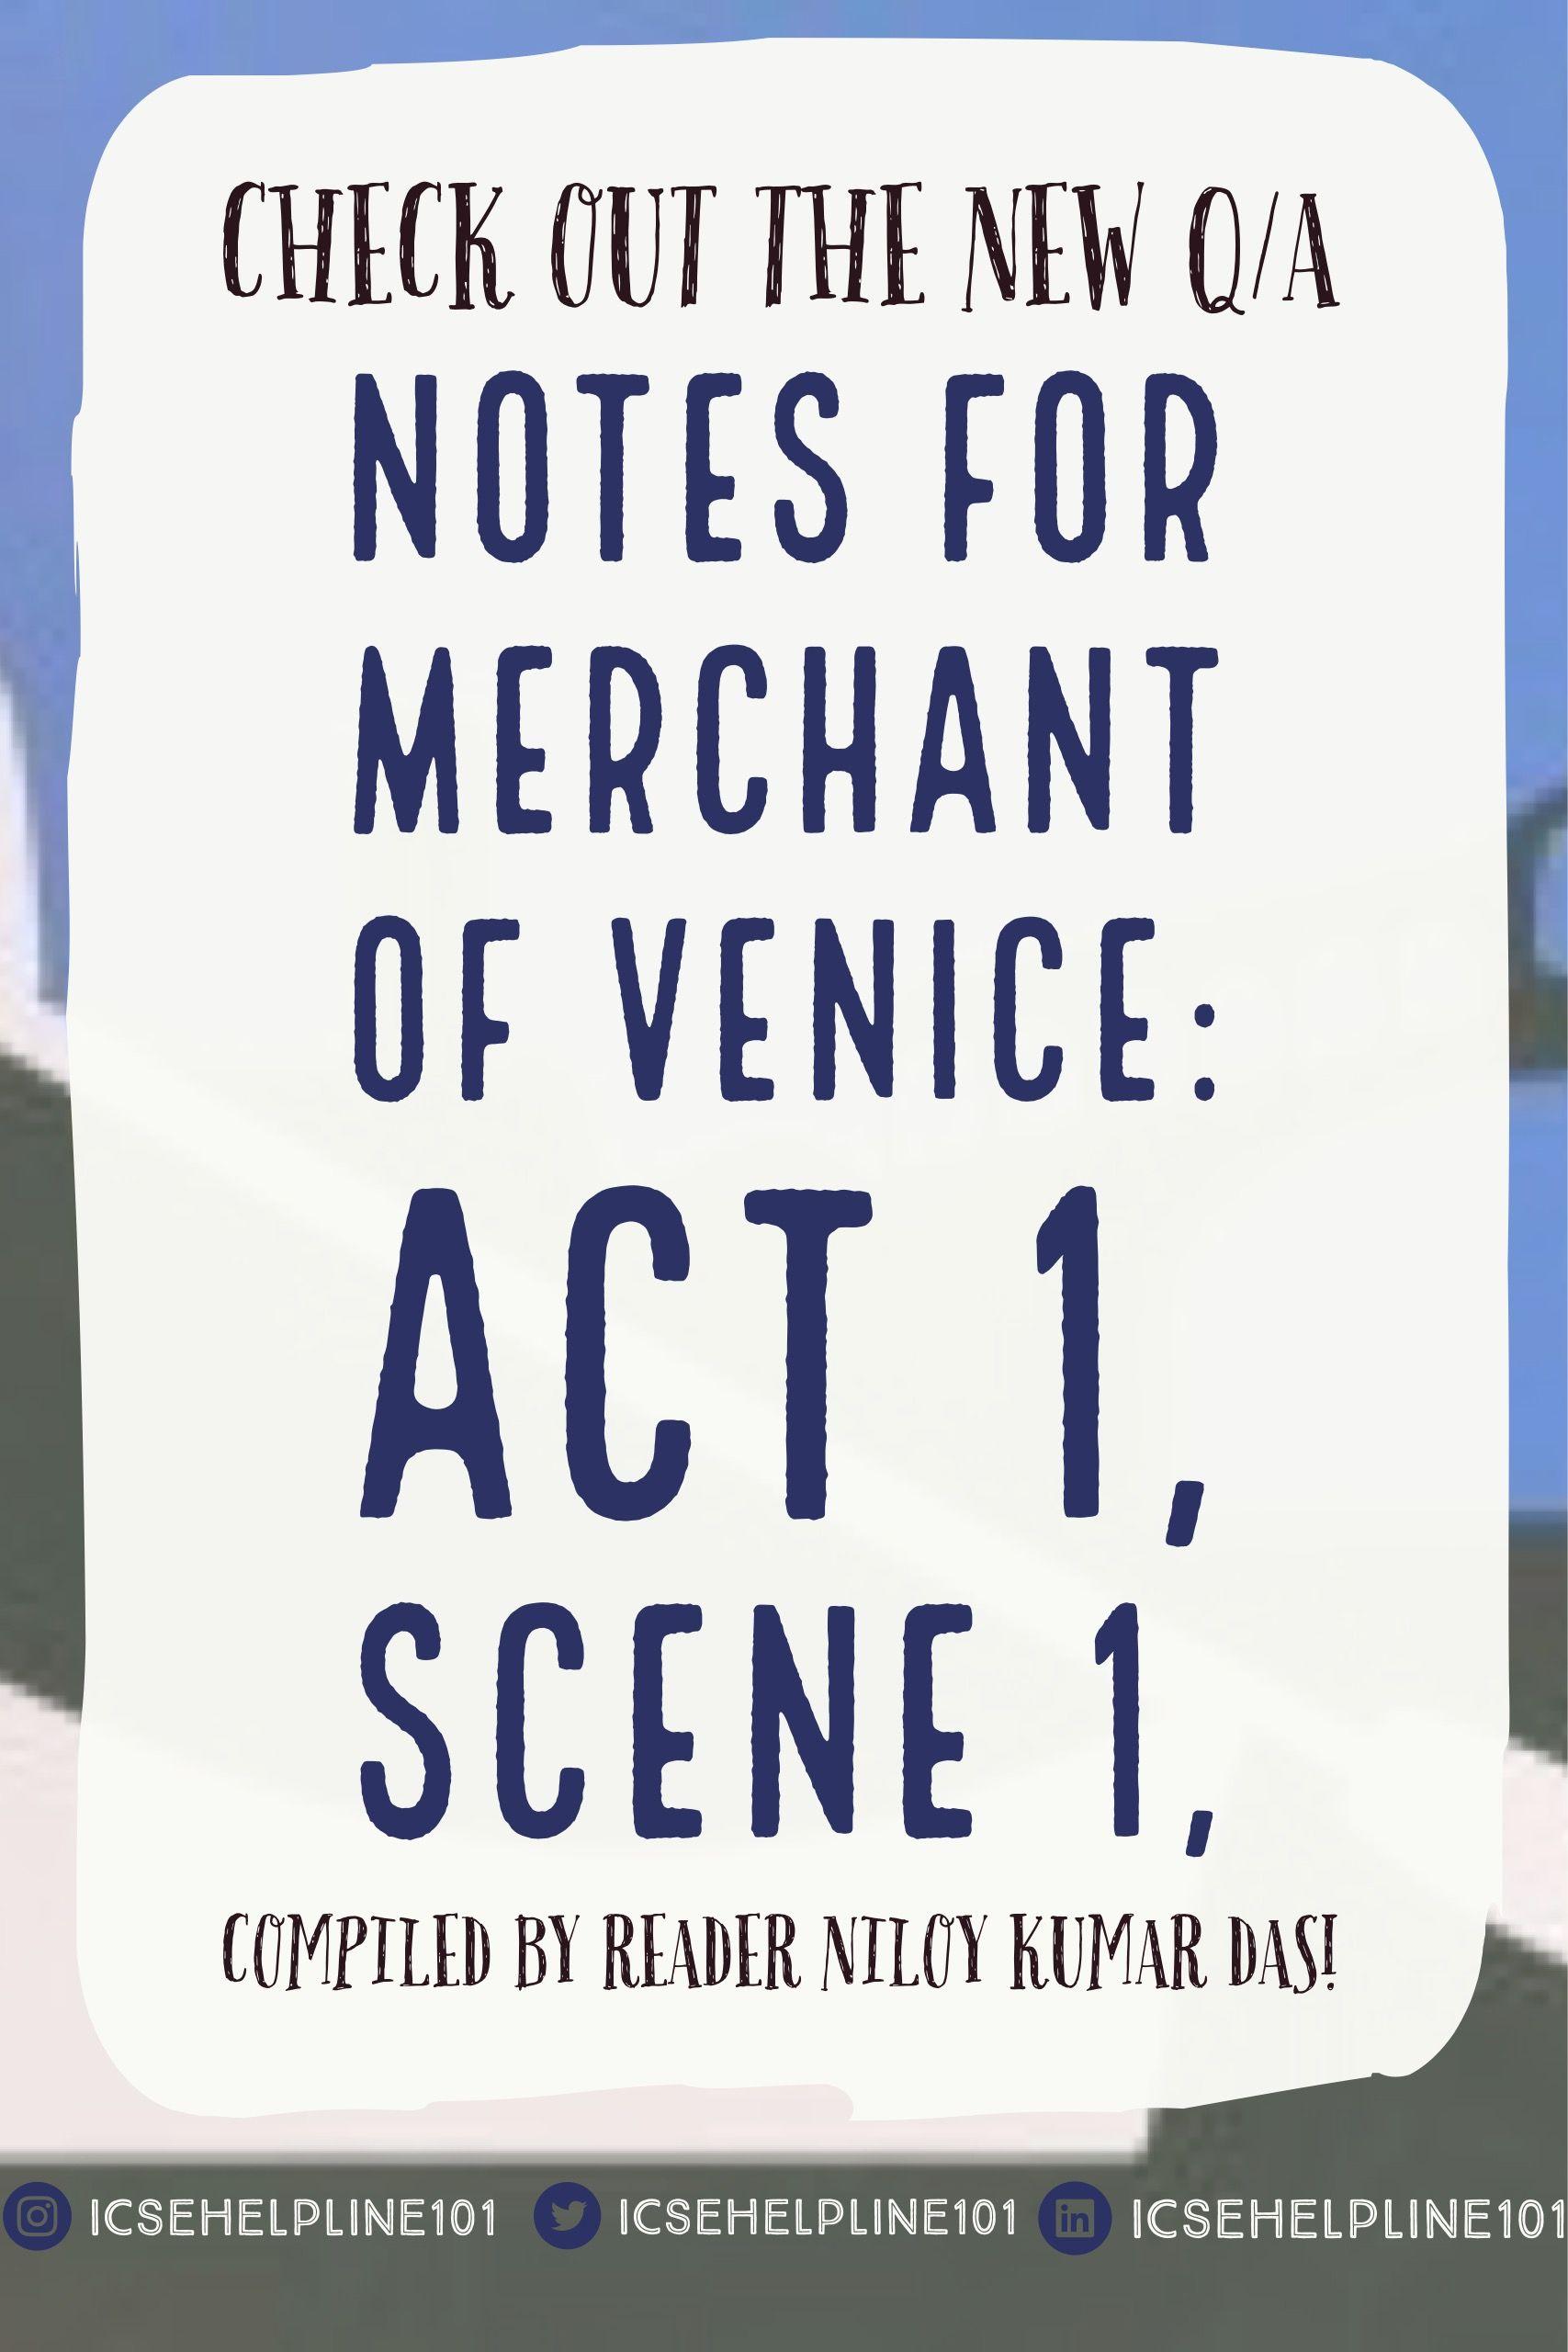 Icse English Ii Merchant Of Venice Act I Scene I Notes English Ii Merchants The Merchant Of Venice [ 2560 x 1707 Pixel ]